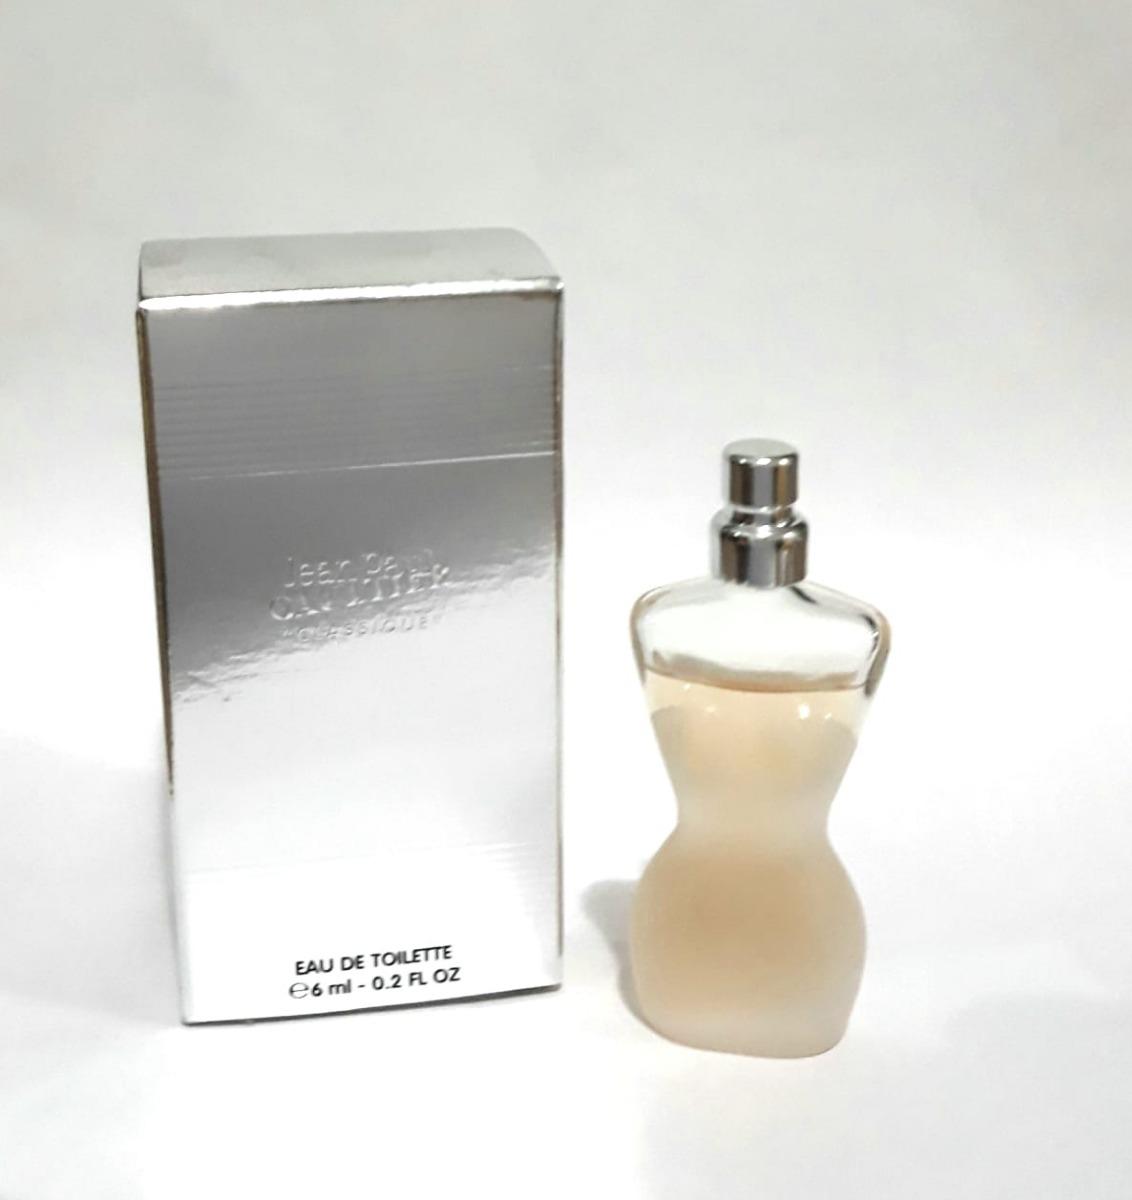 167330f52 miniatura perfume 6ml jean paul gaultier classique edt. Carregando zoom.